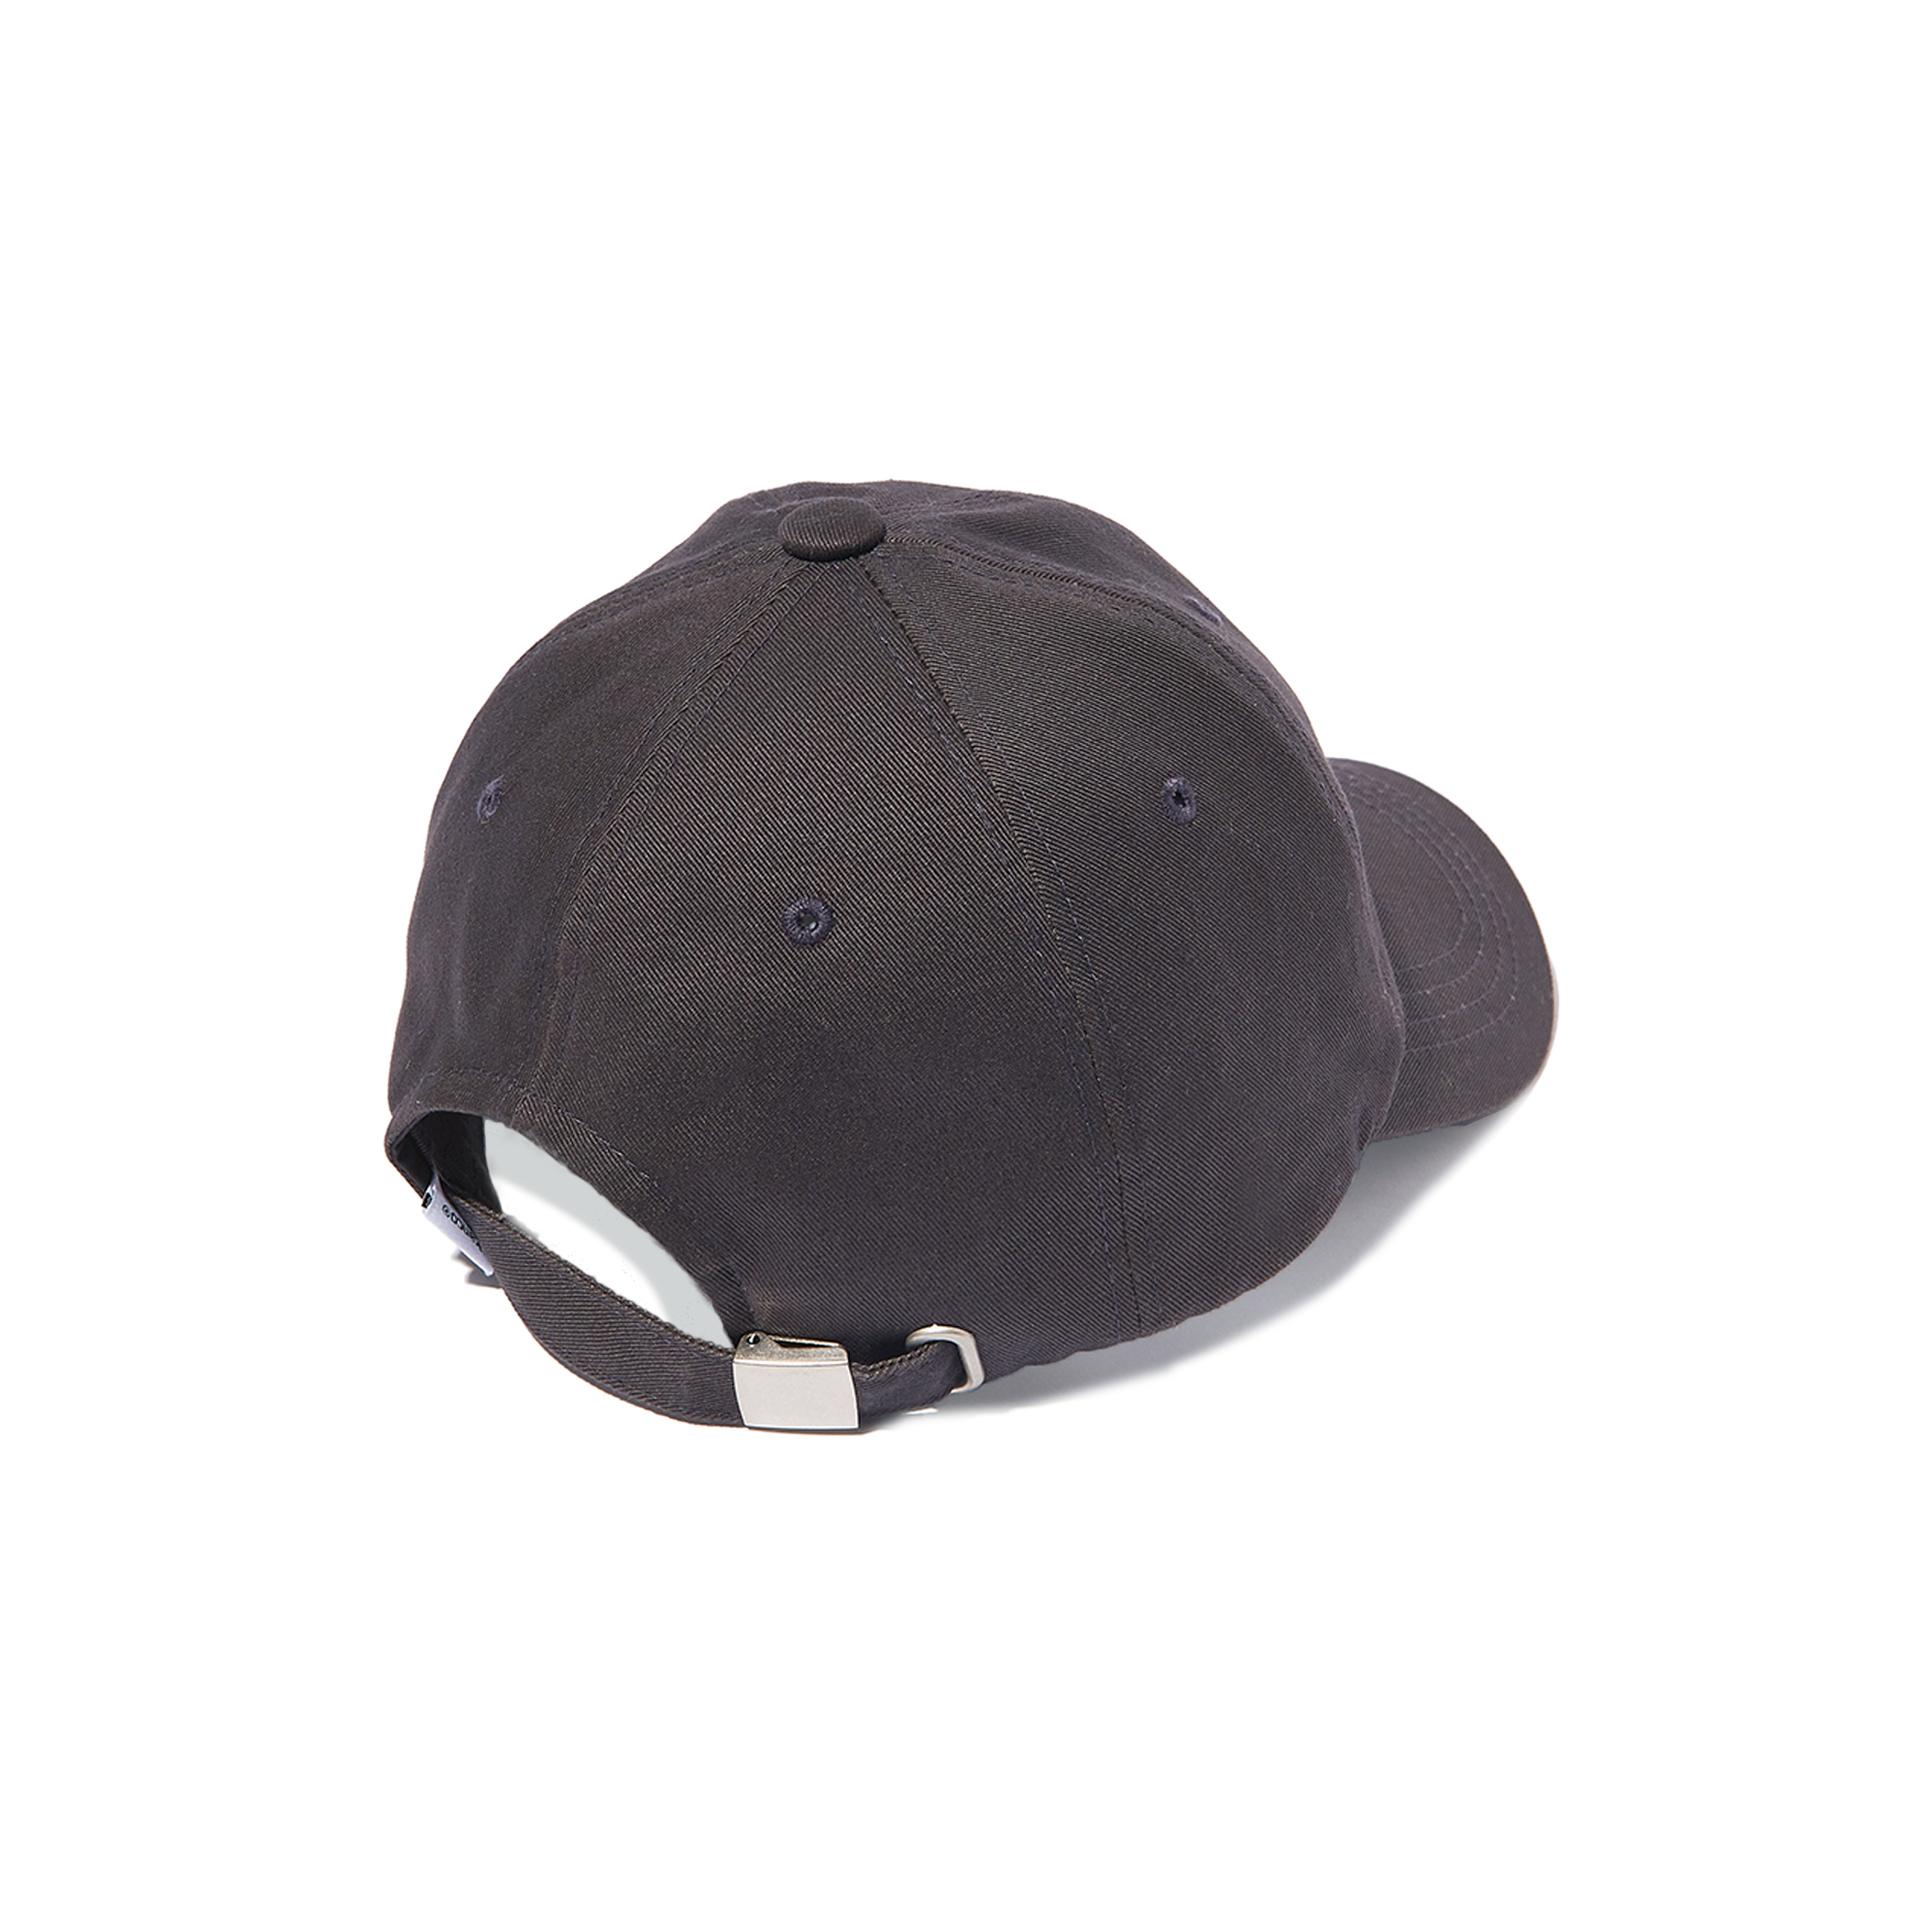 칸코(KANCO) KANCO SERIF LOGO CAP charcoal